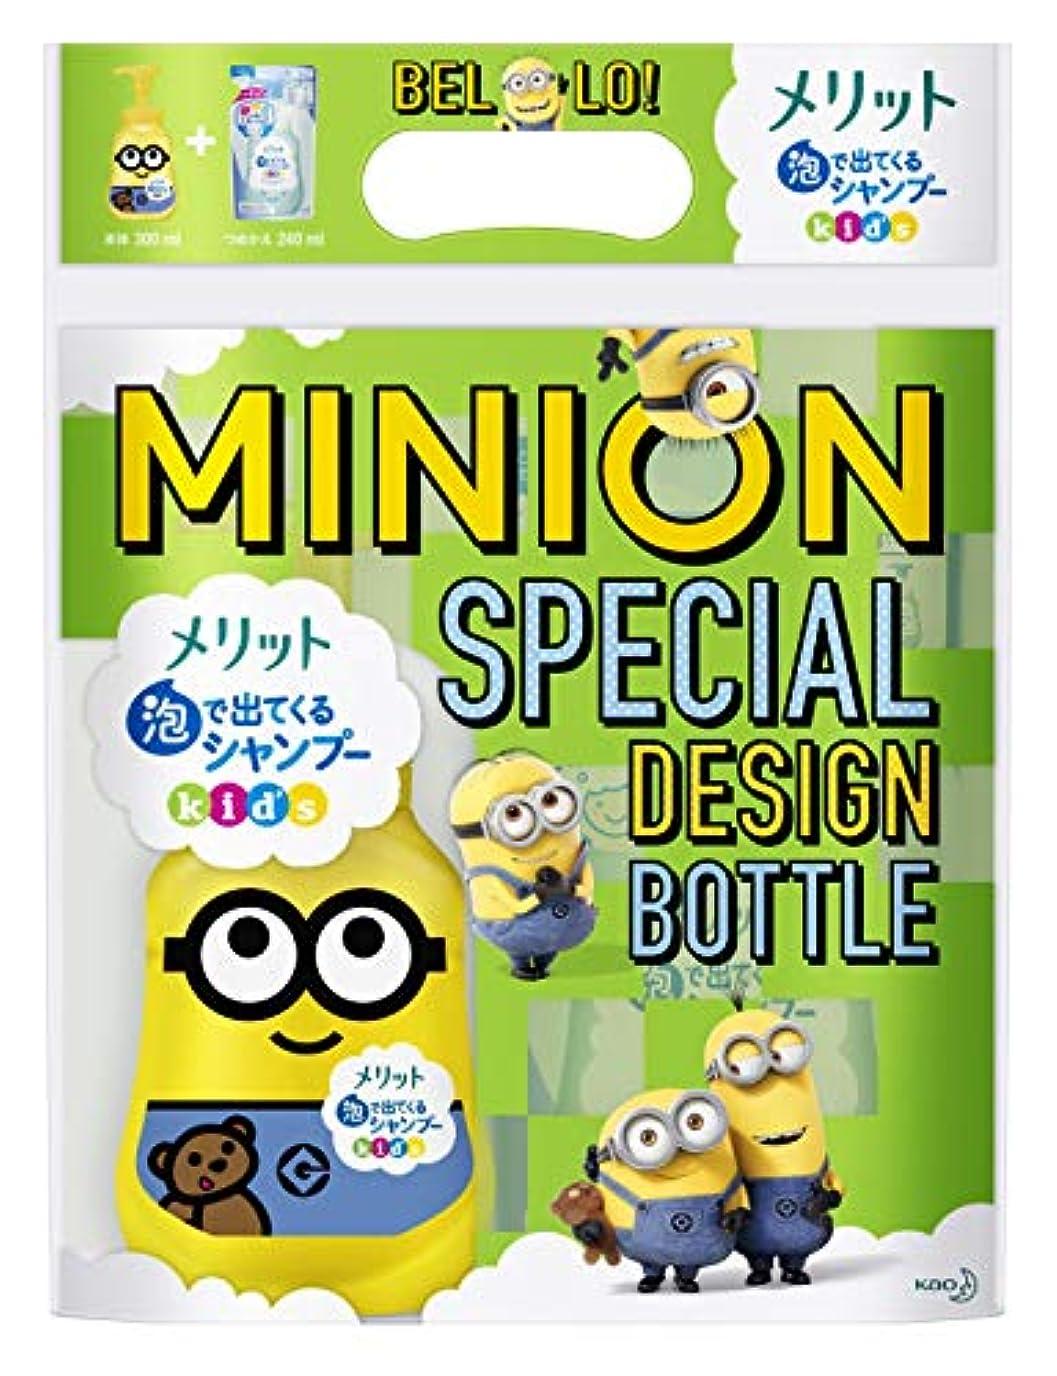 句浴室請求書メリット 泡で出てくるシャンプー キッズ ミニオン スペシャルデザインボトル [ Minion Special Design Bottle ] + つめかえ用セット (デザインボトル300ml+つめかえ用240ml)